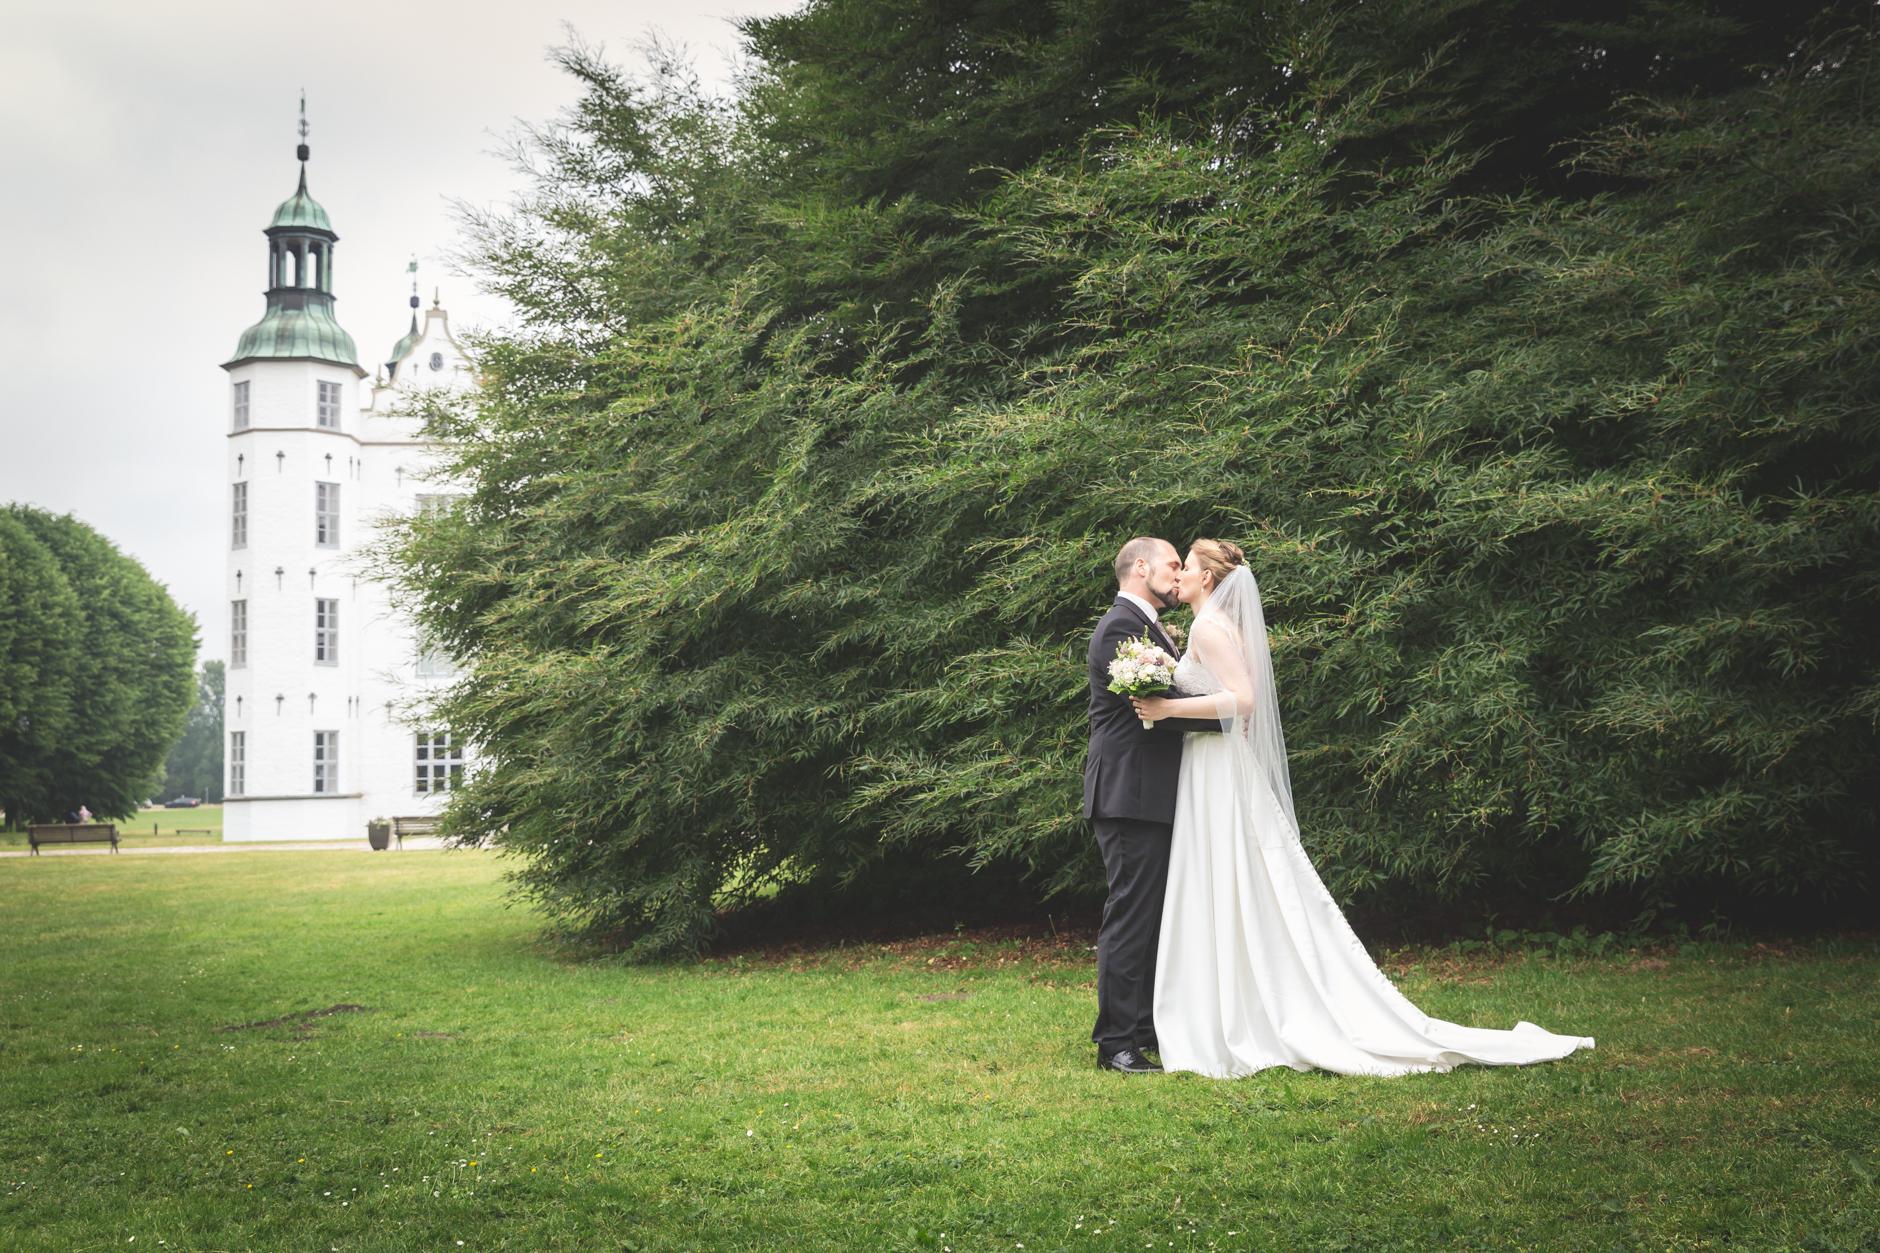 Hochzeitsfotos vorm Ahrensburger Schloß